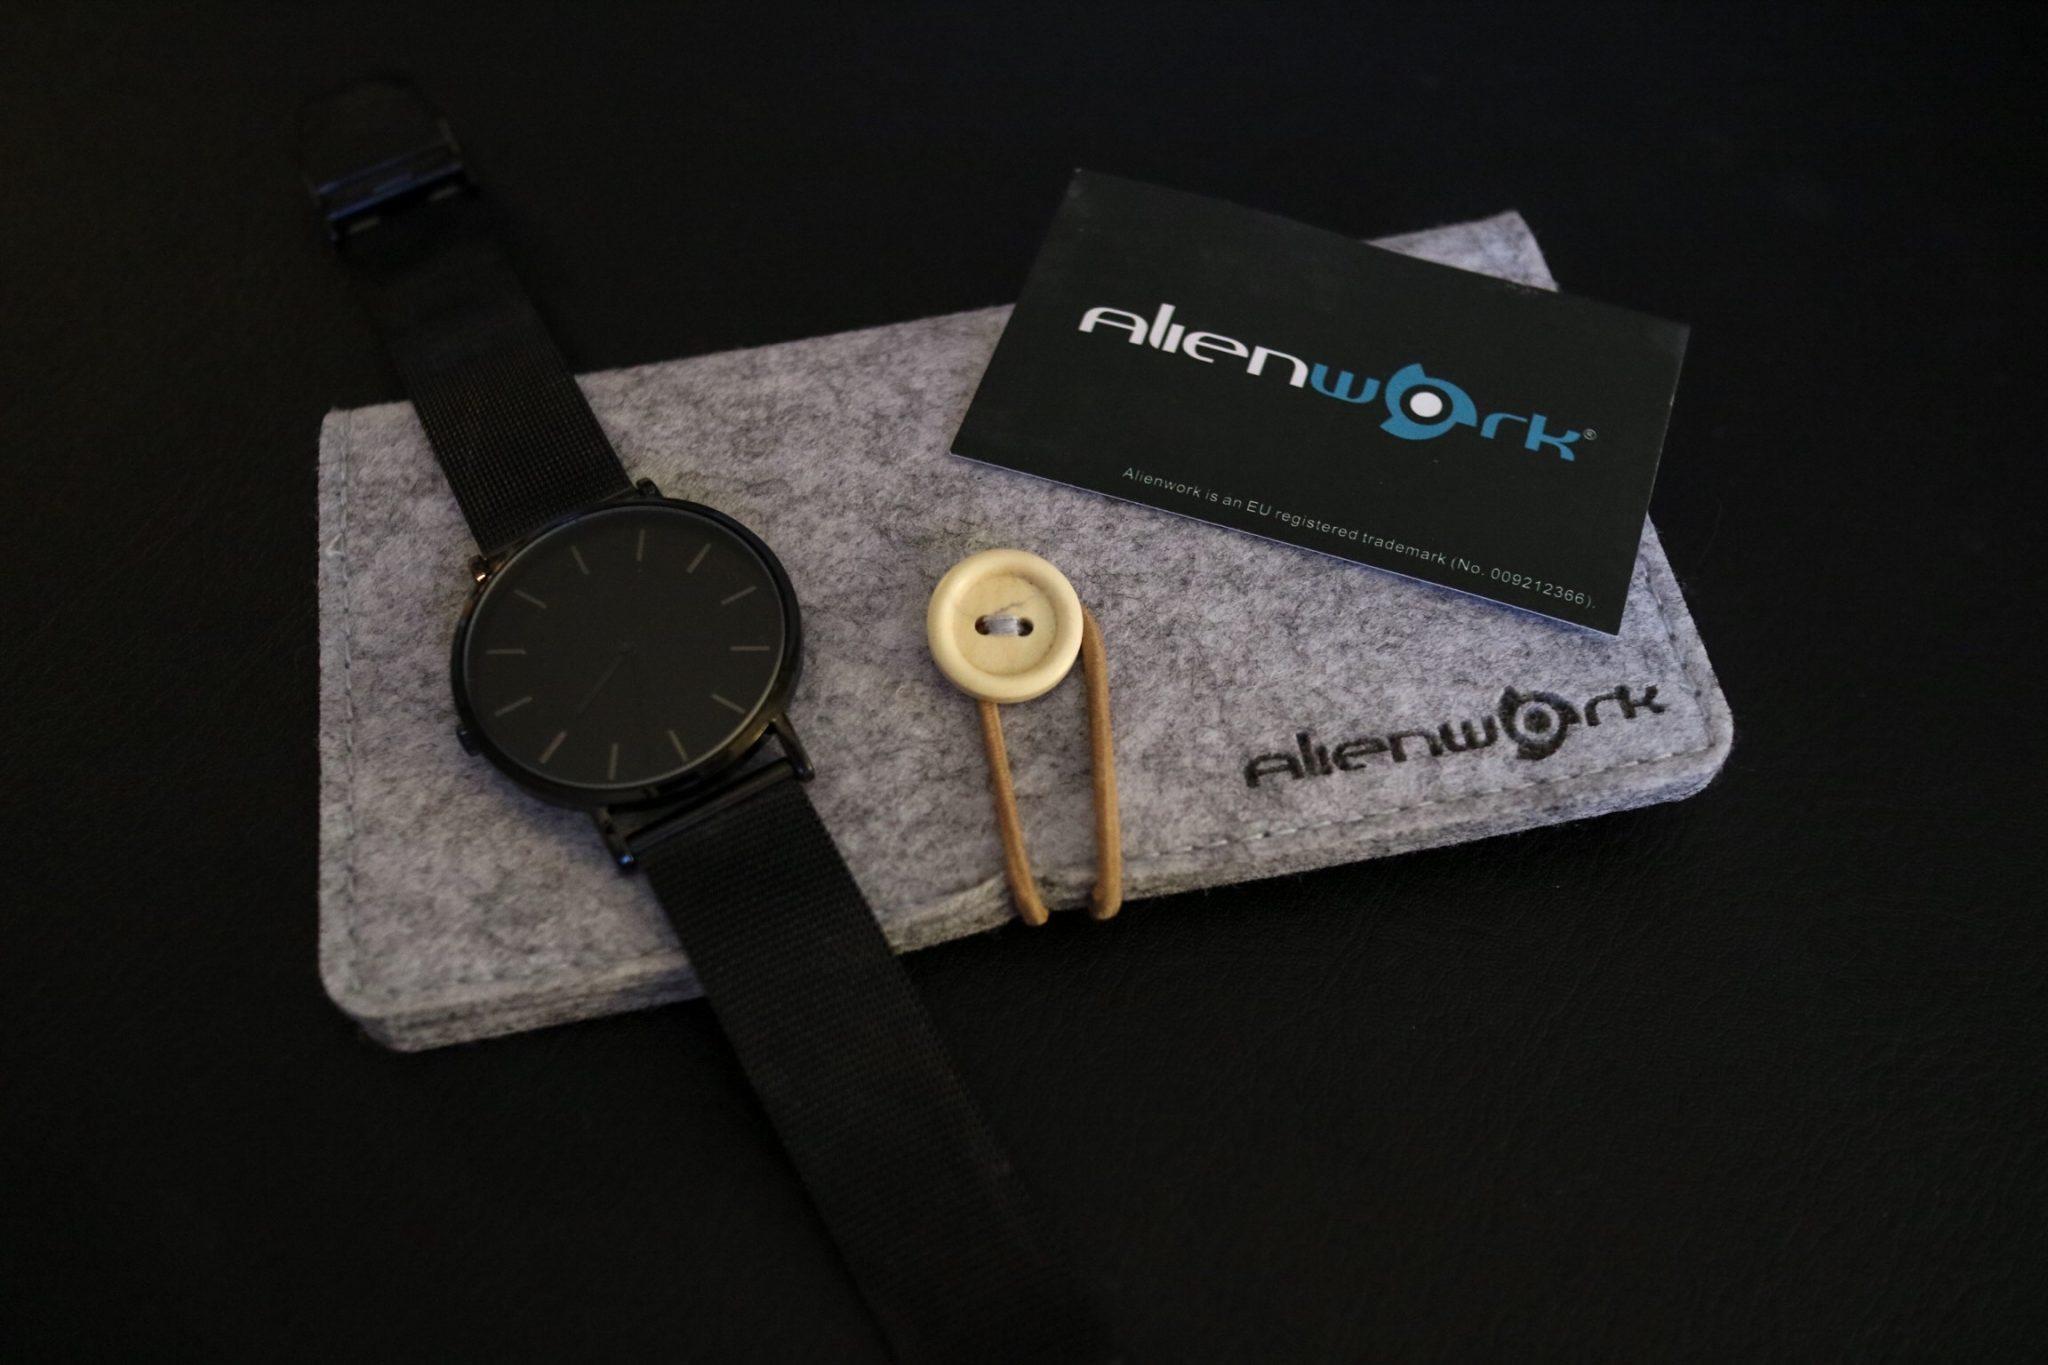 Alienwork Quartz Watch